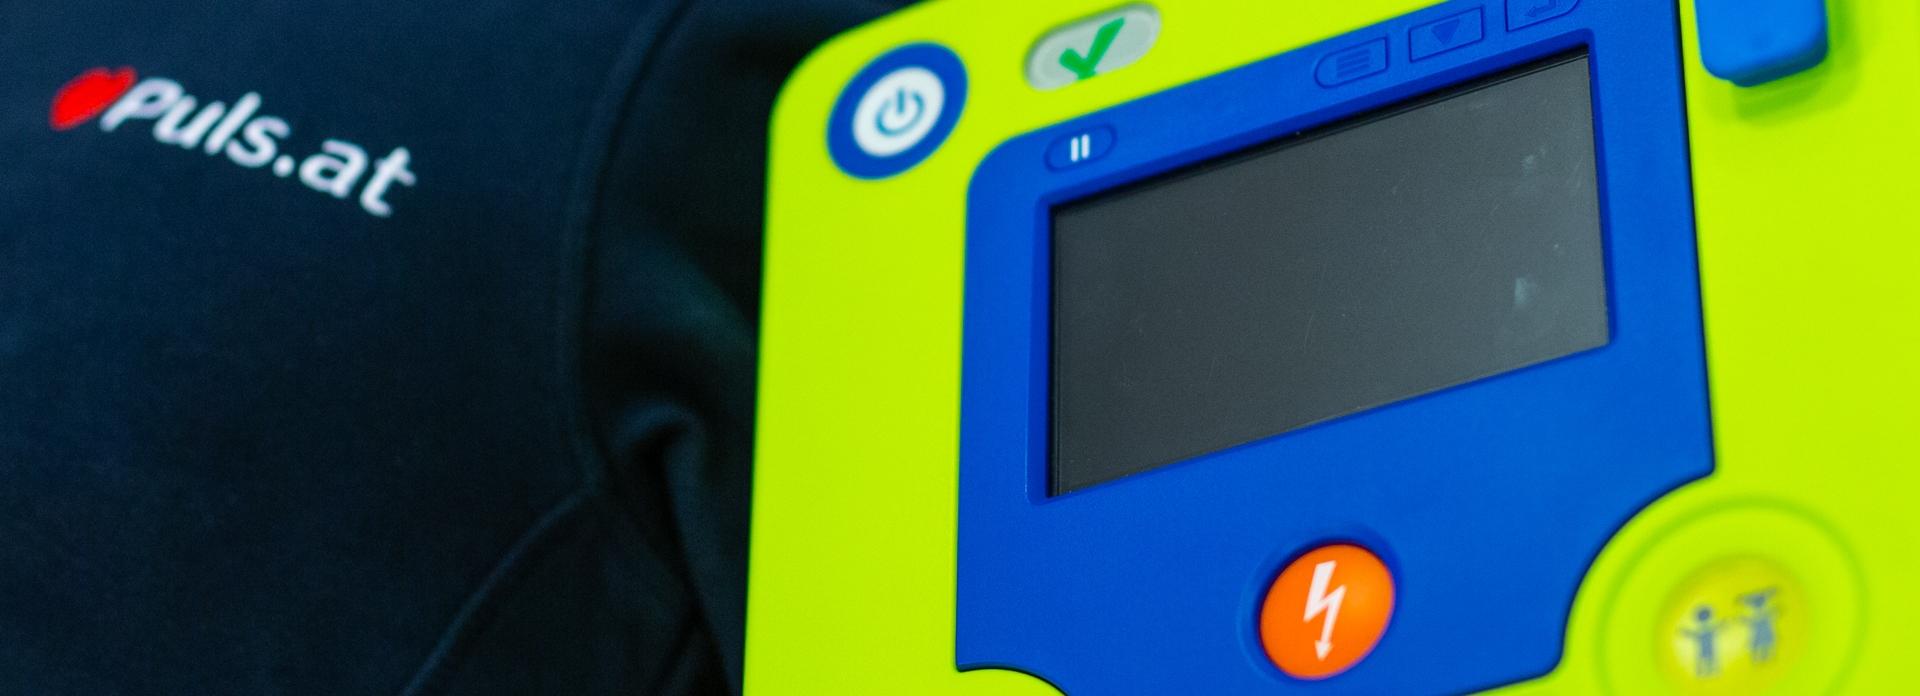 Defibrillator4 © Puls Kellner